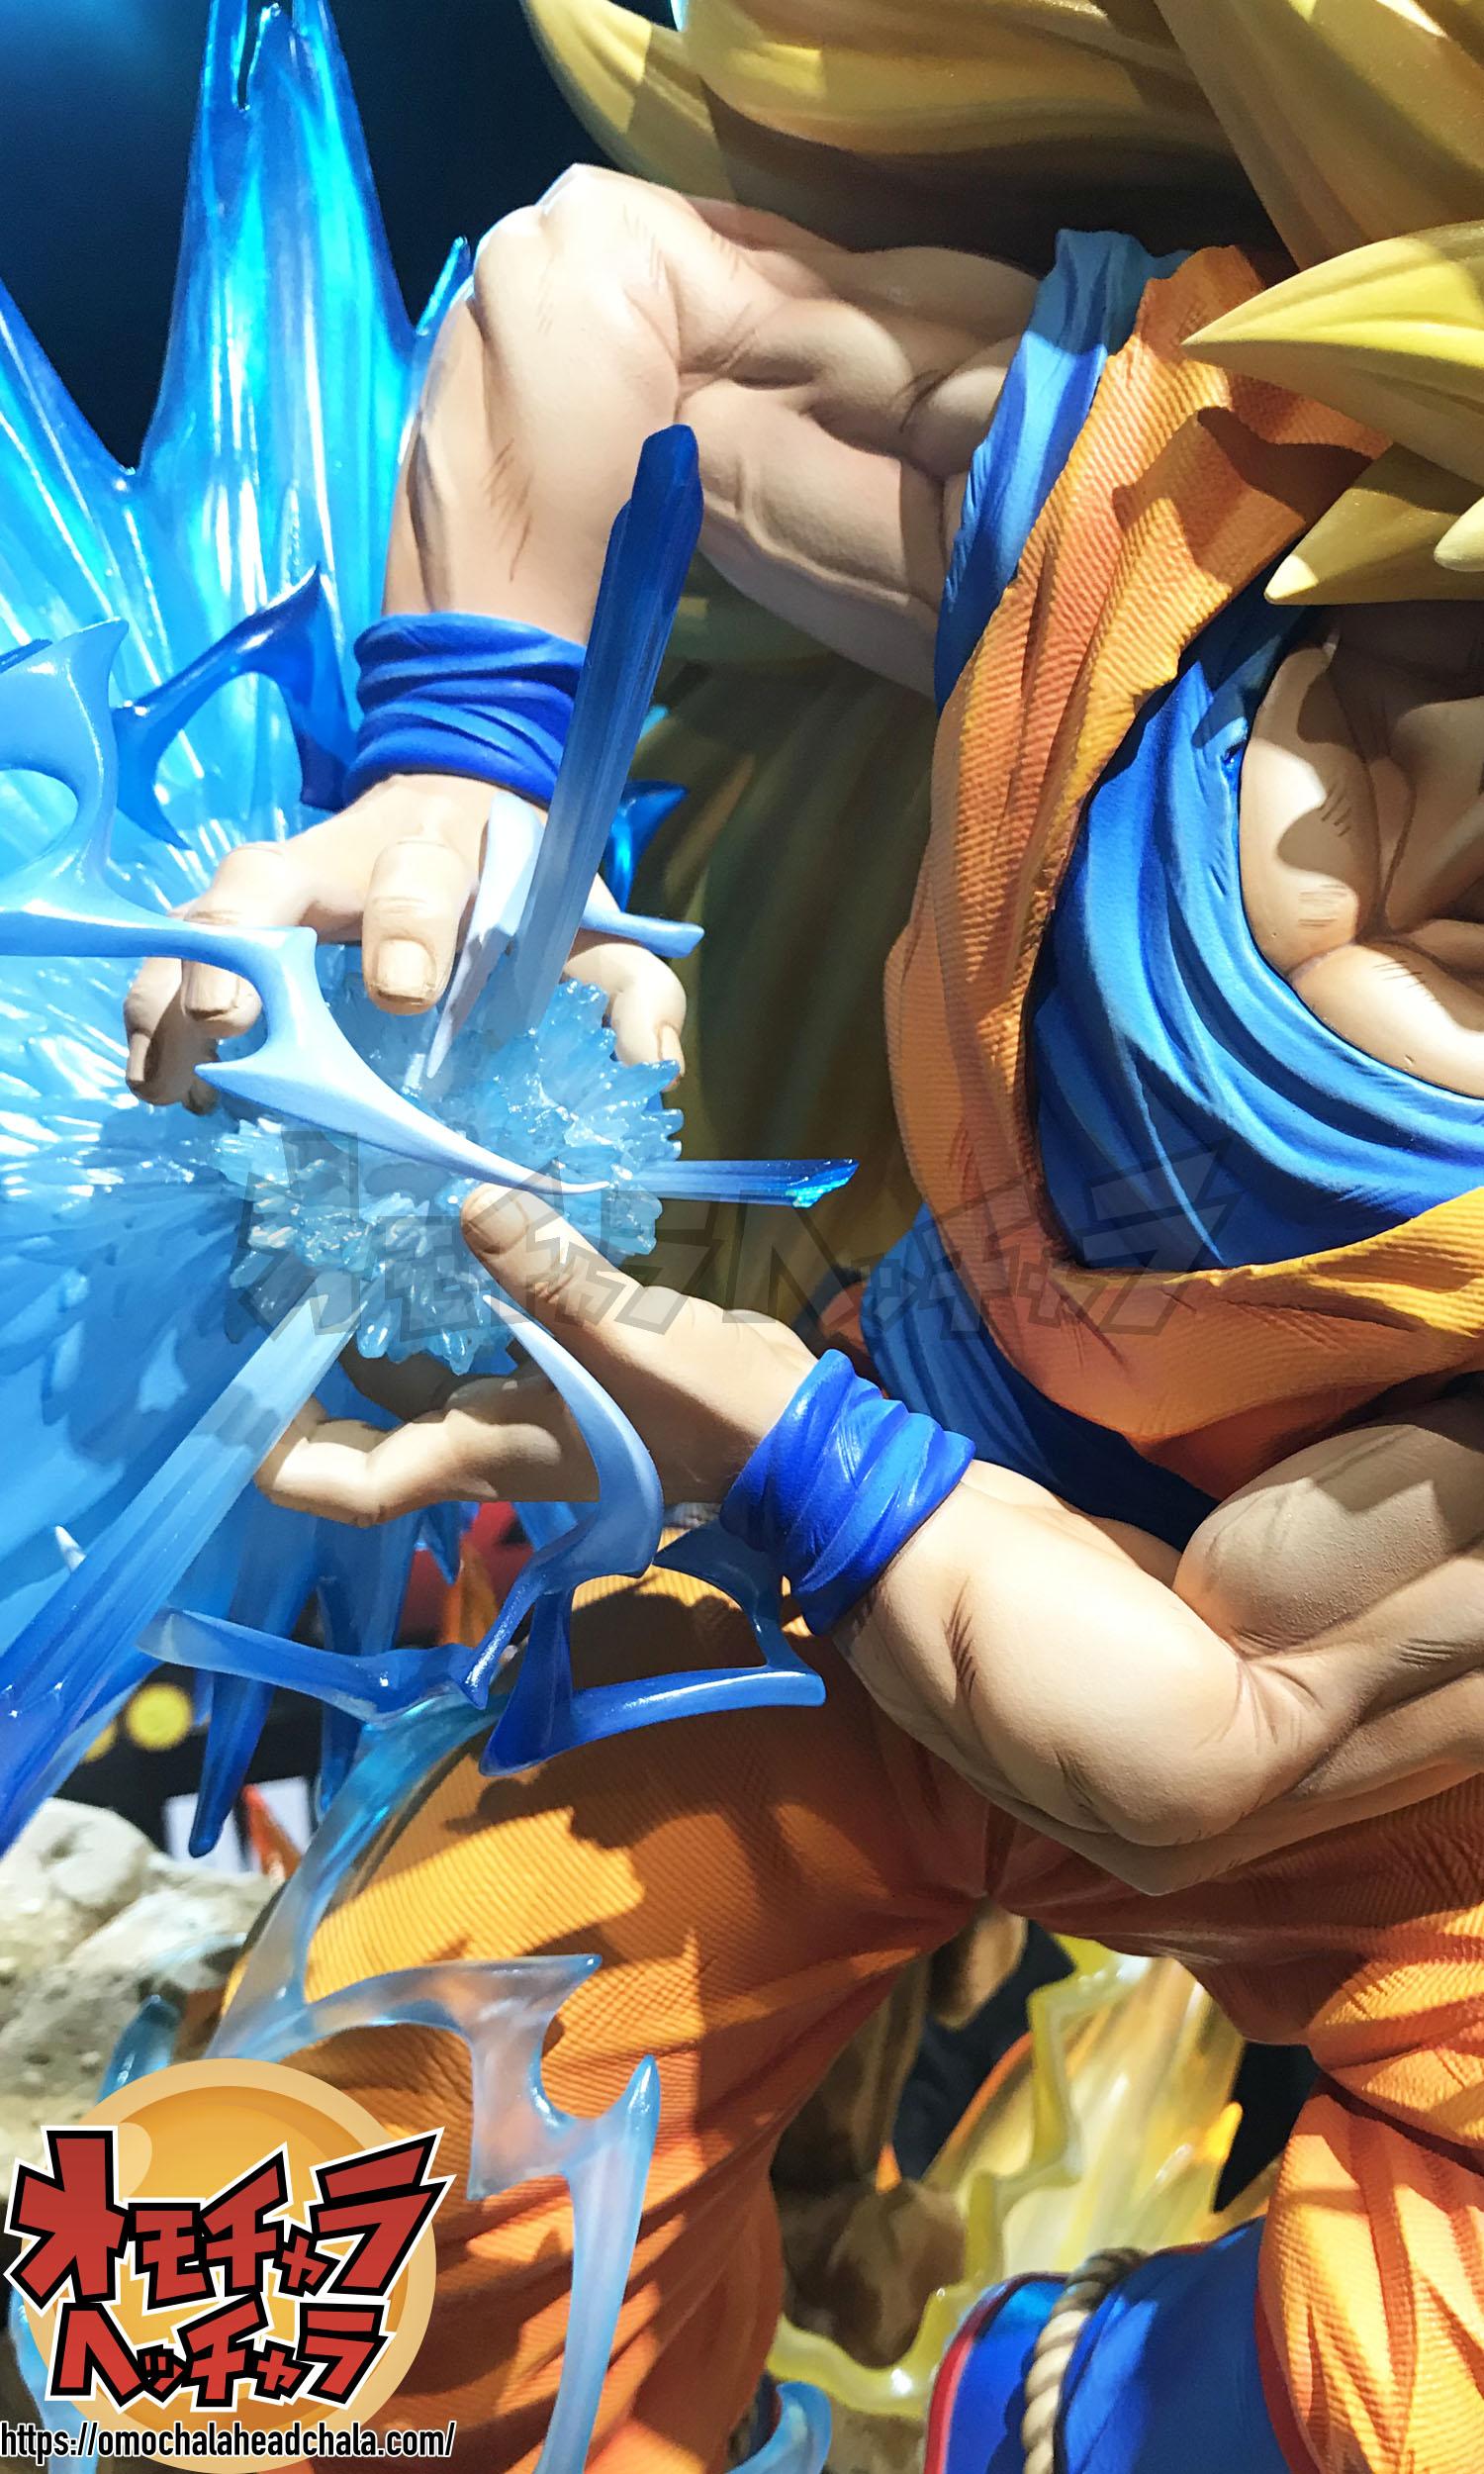 ドラゴンボールフィギュアレビューブログのPrime1Studio(プライムワンスタジオ)×MegaHouse(メガハウス)超サイヤ人3孫悟空